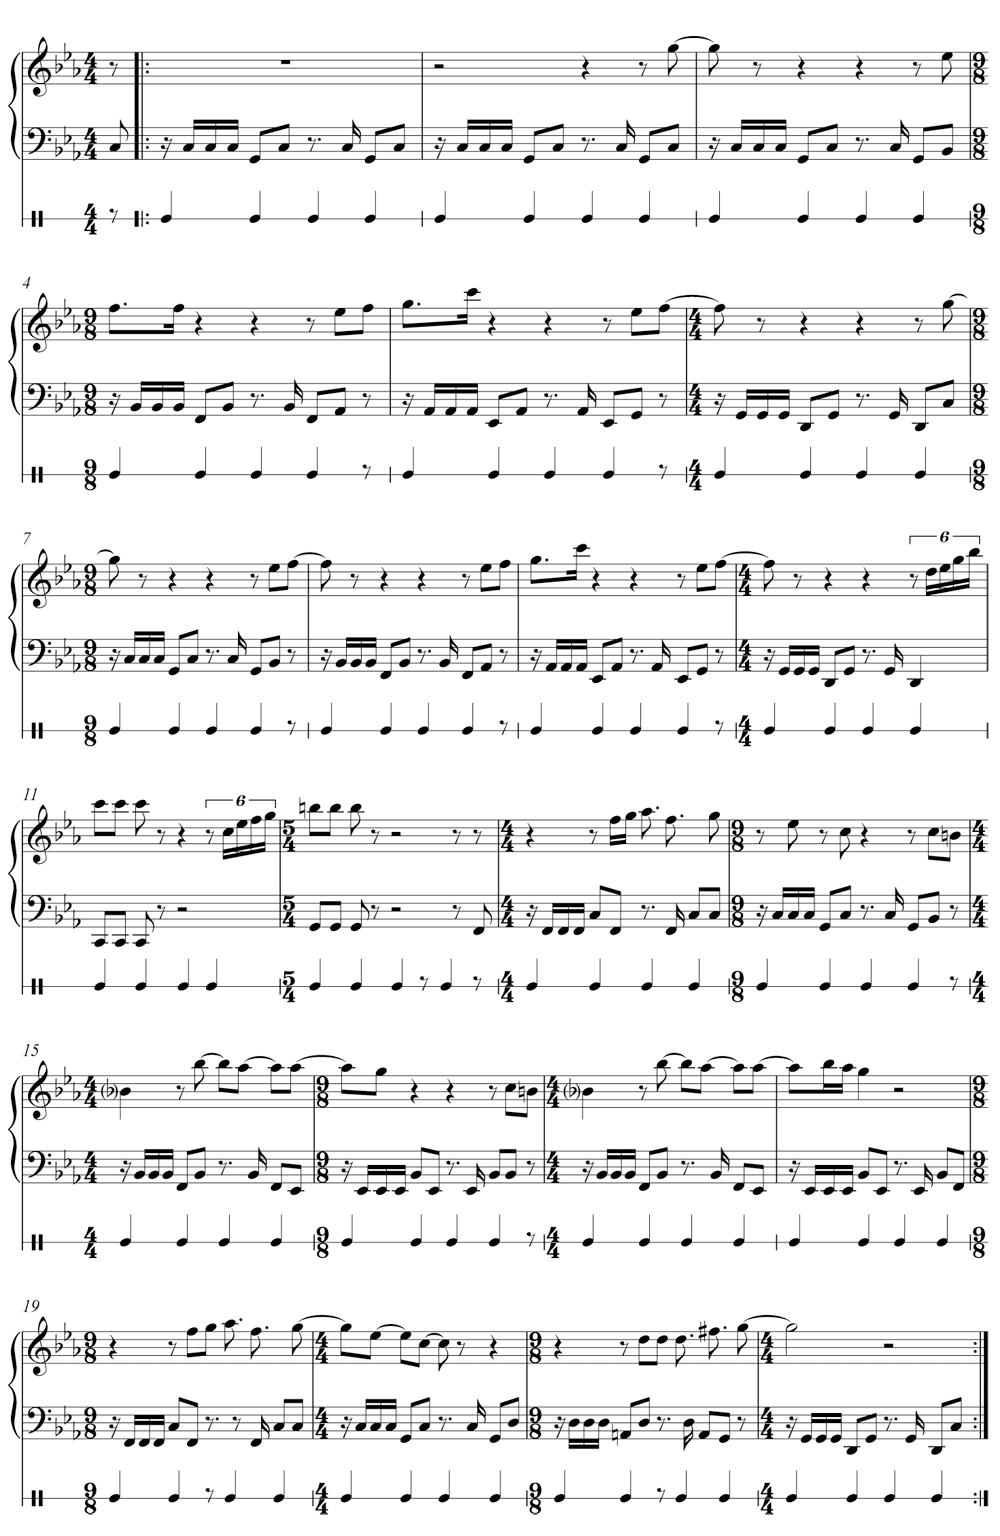 Partition de Backbeat de bataille – difficile